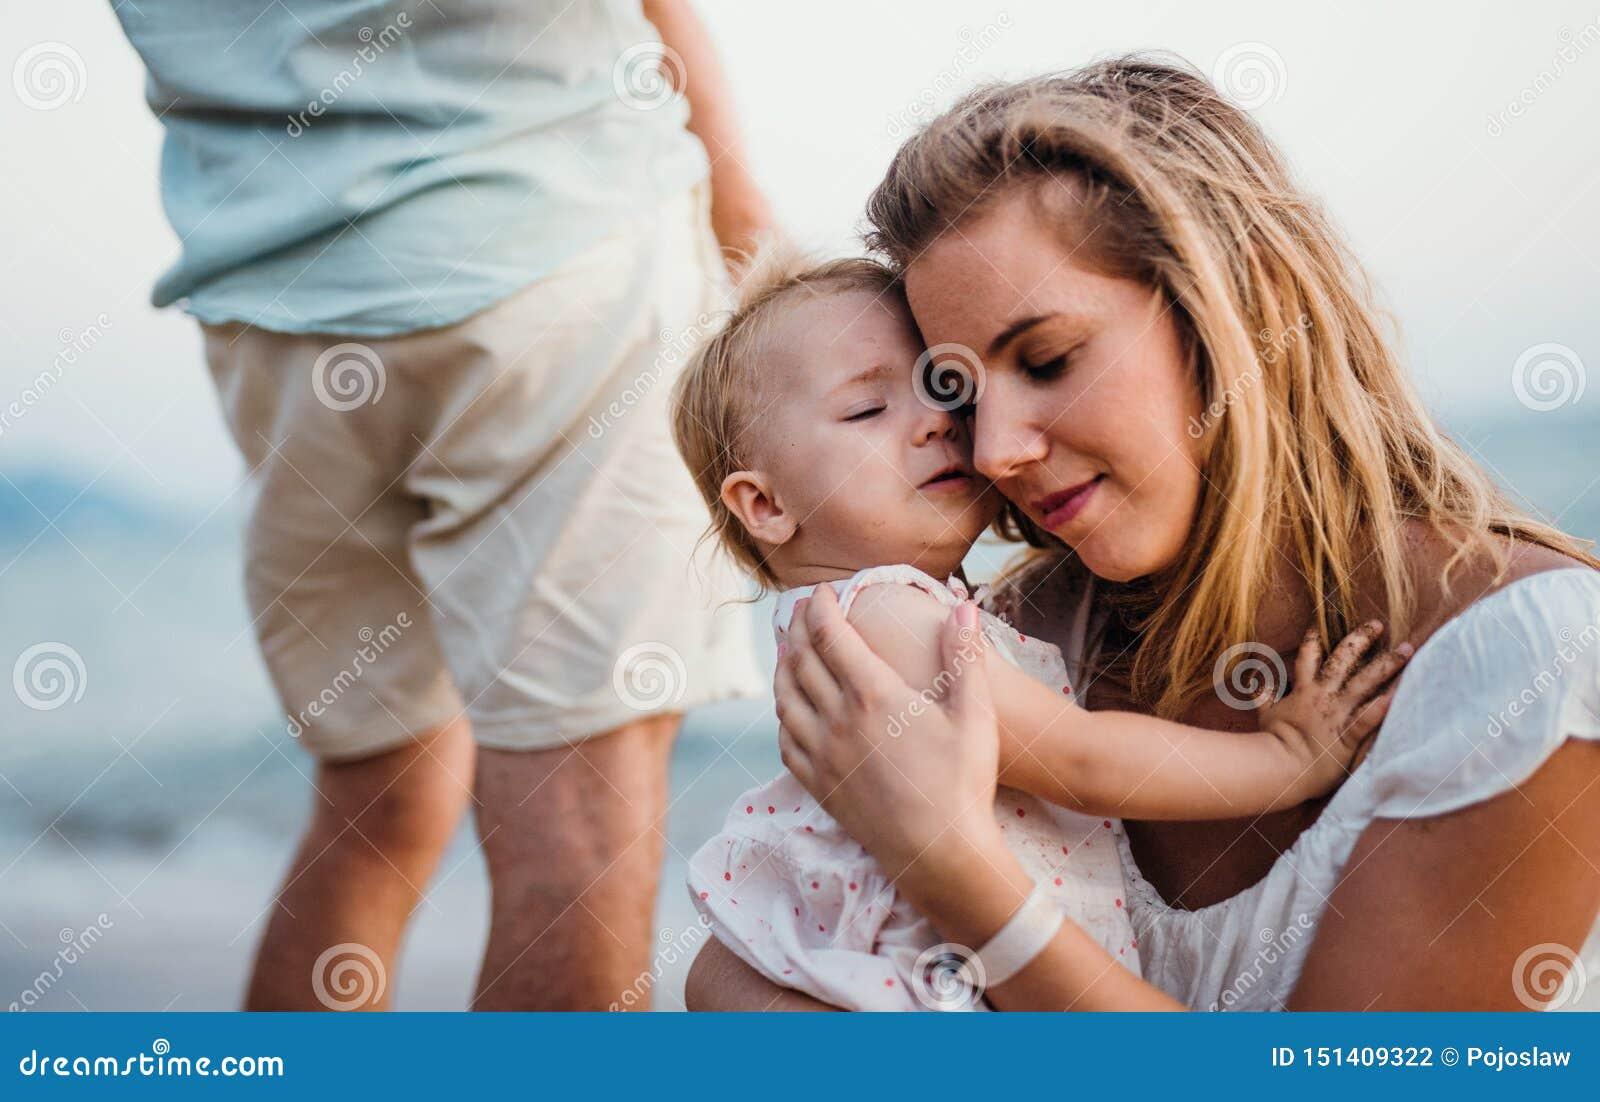 Nahaufnahme der jungen Mutter mit einem Kleinkindm?dchen auf Strand an den Sommerferien